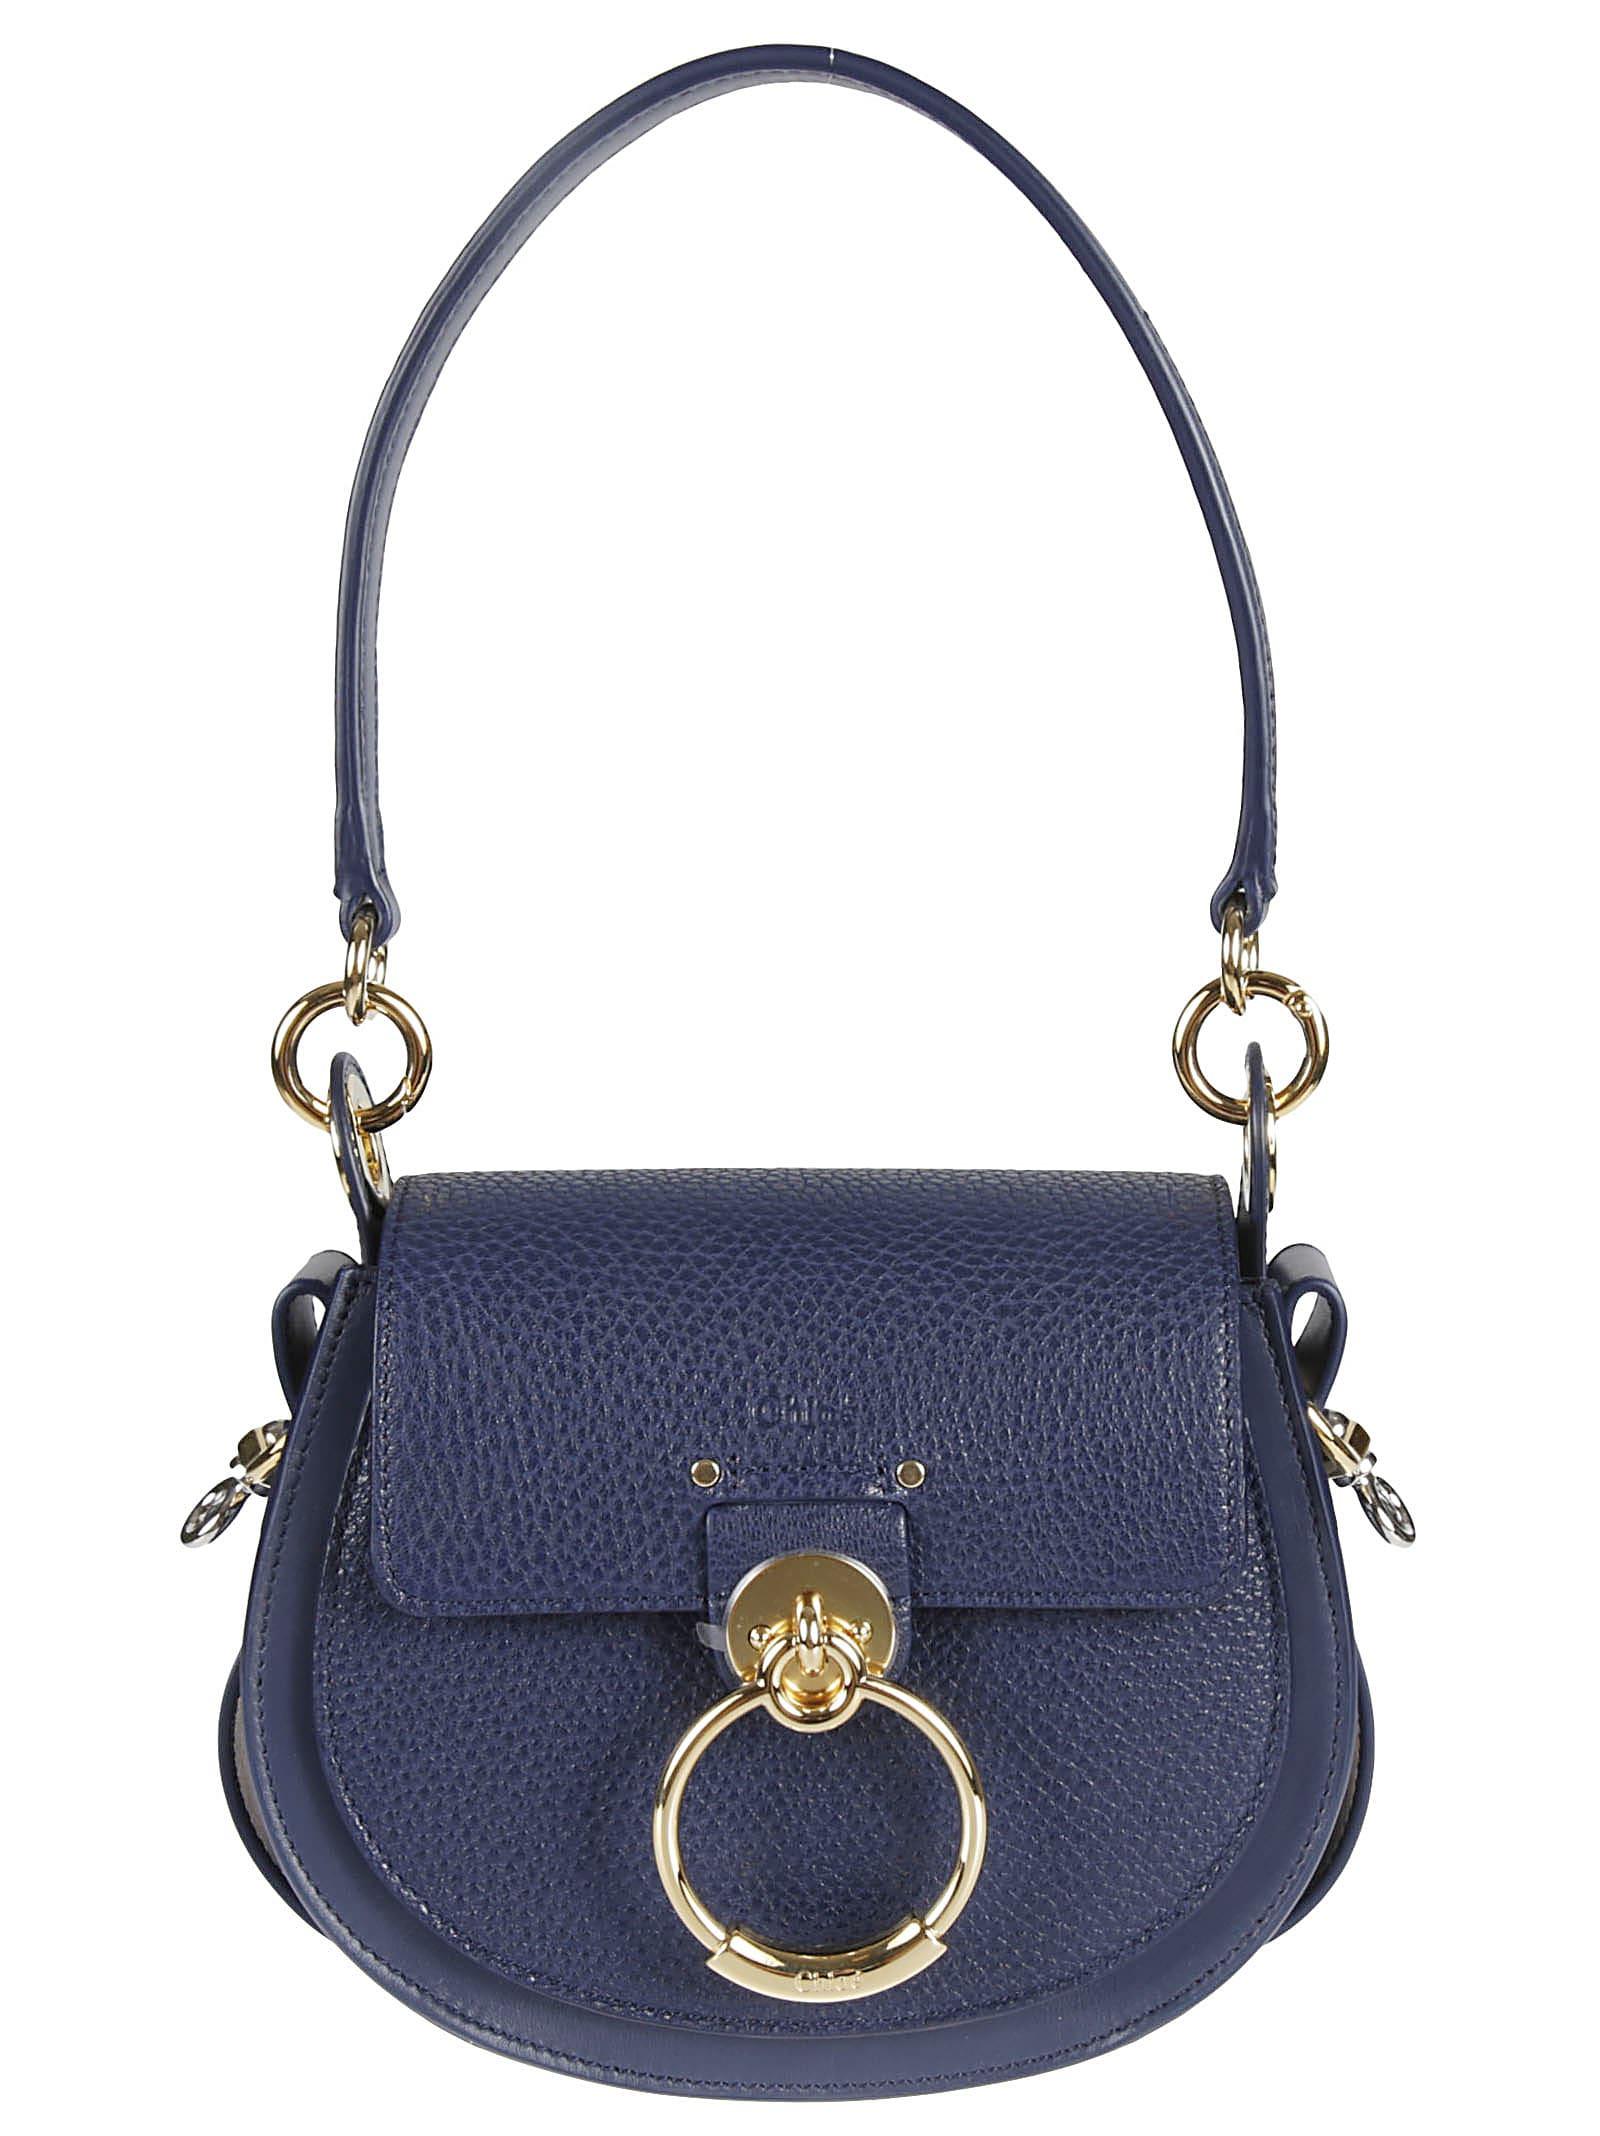 Ring Shoulder Bag from Chloé